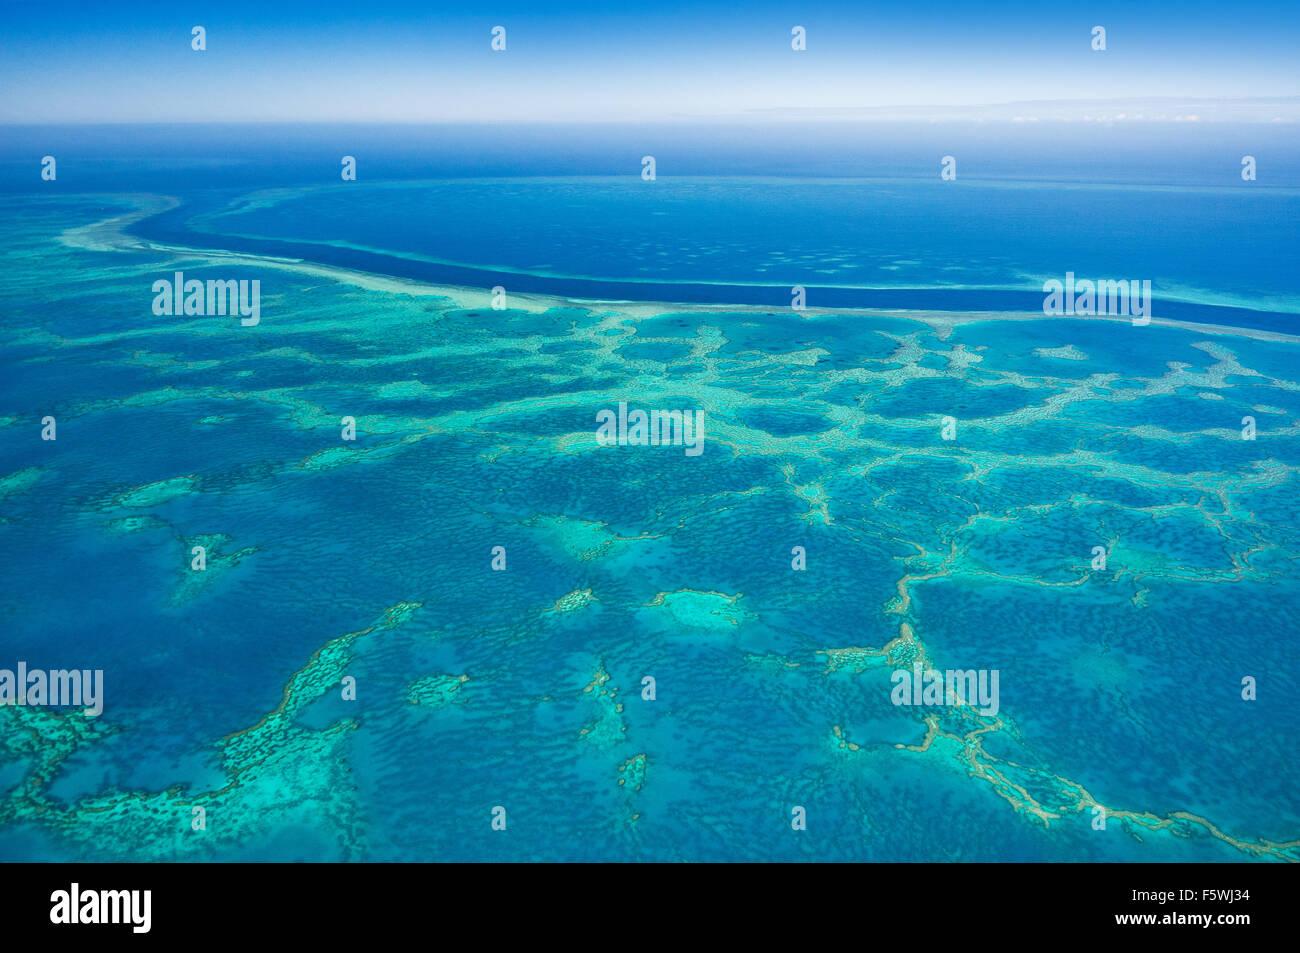 Haken und Hardy Reef Teil des Great Barrier Reef. Stockbild